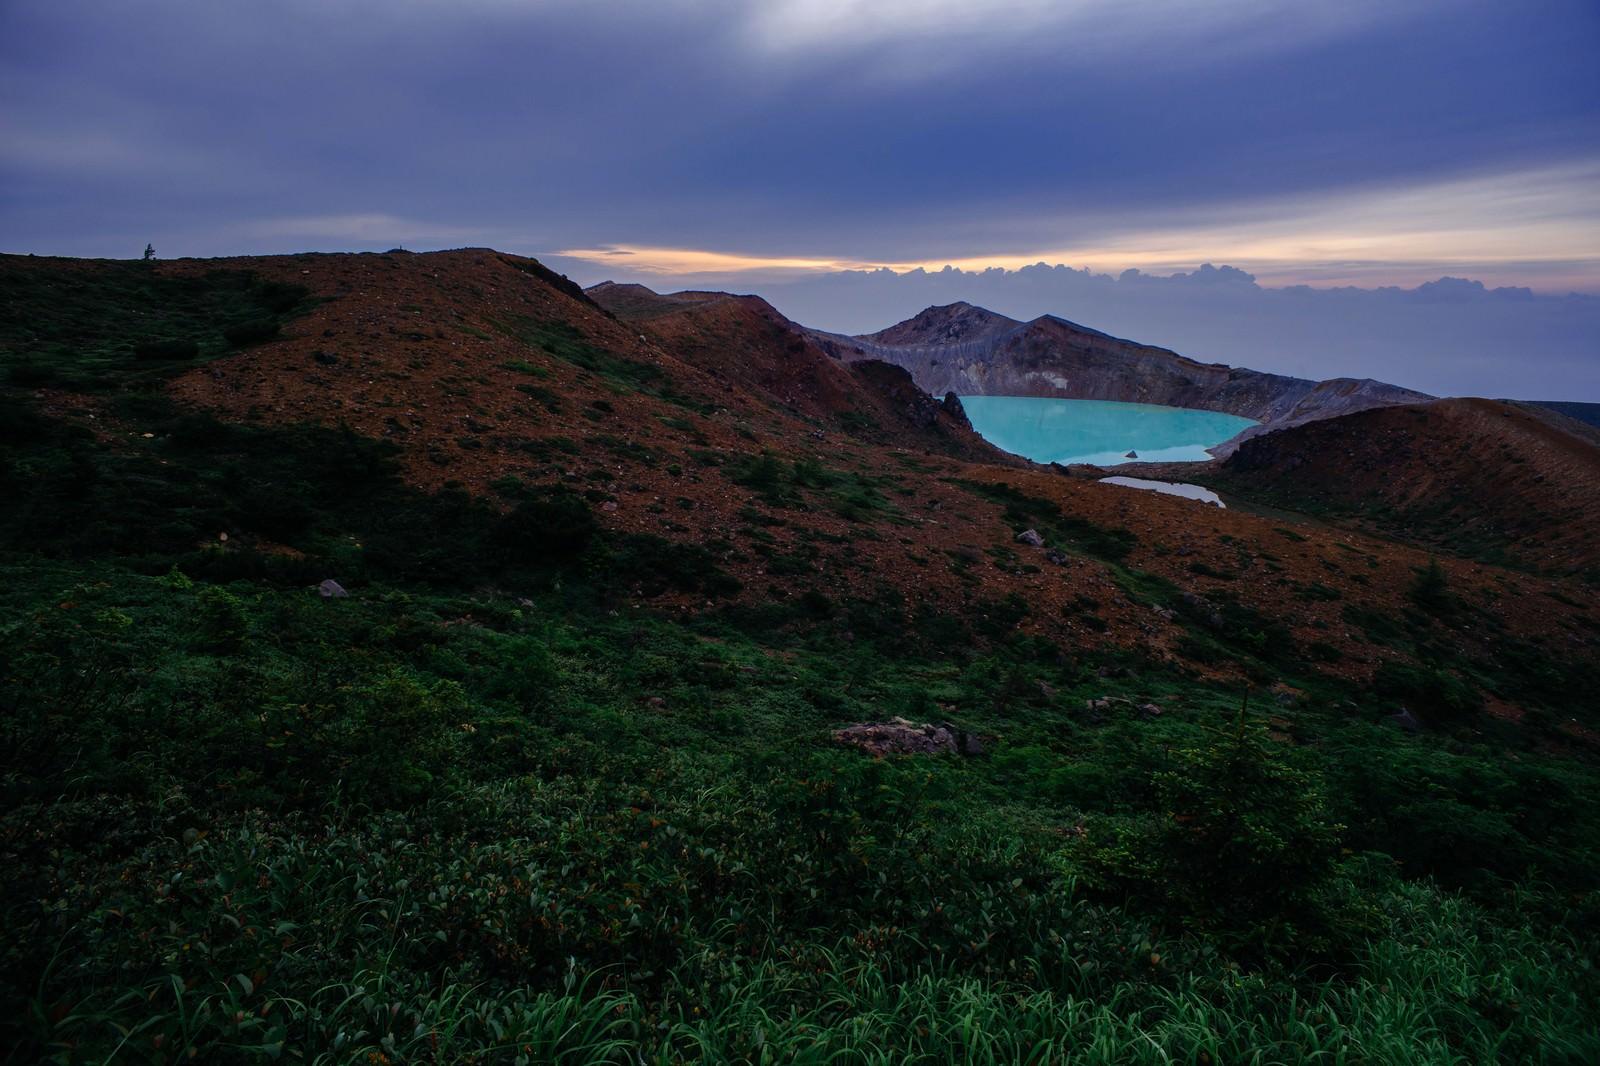 「夜明けの湯釜」の写真